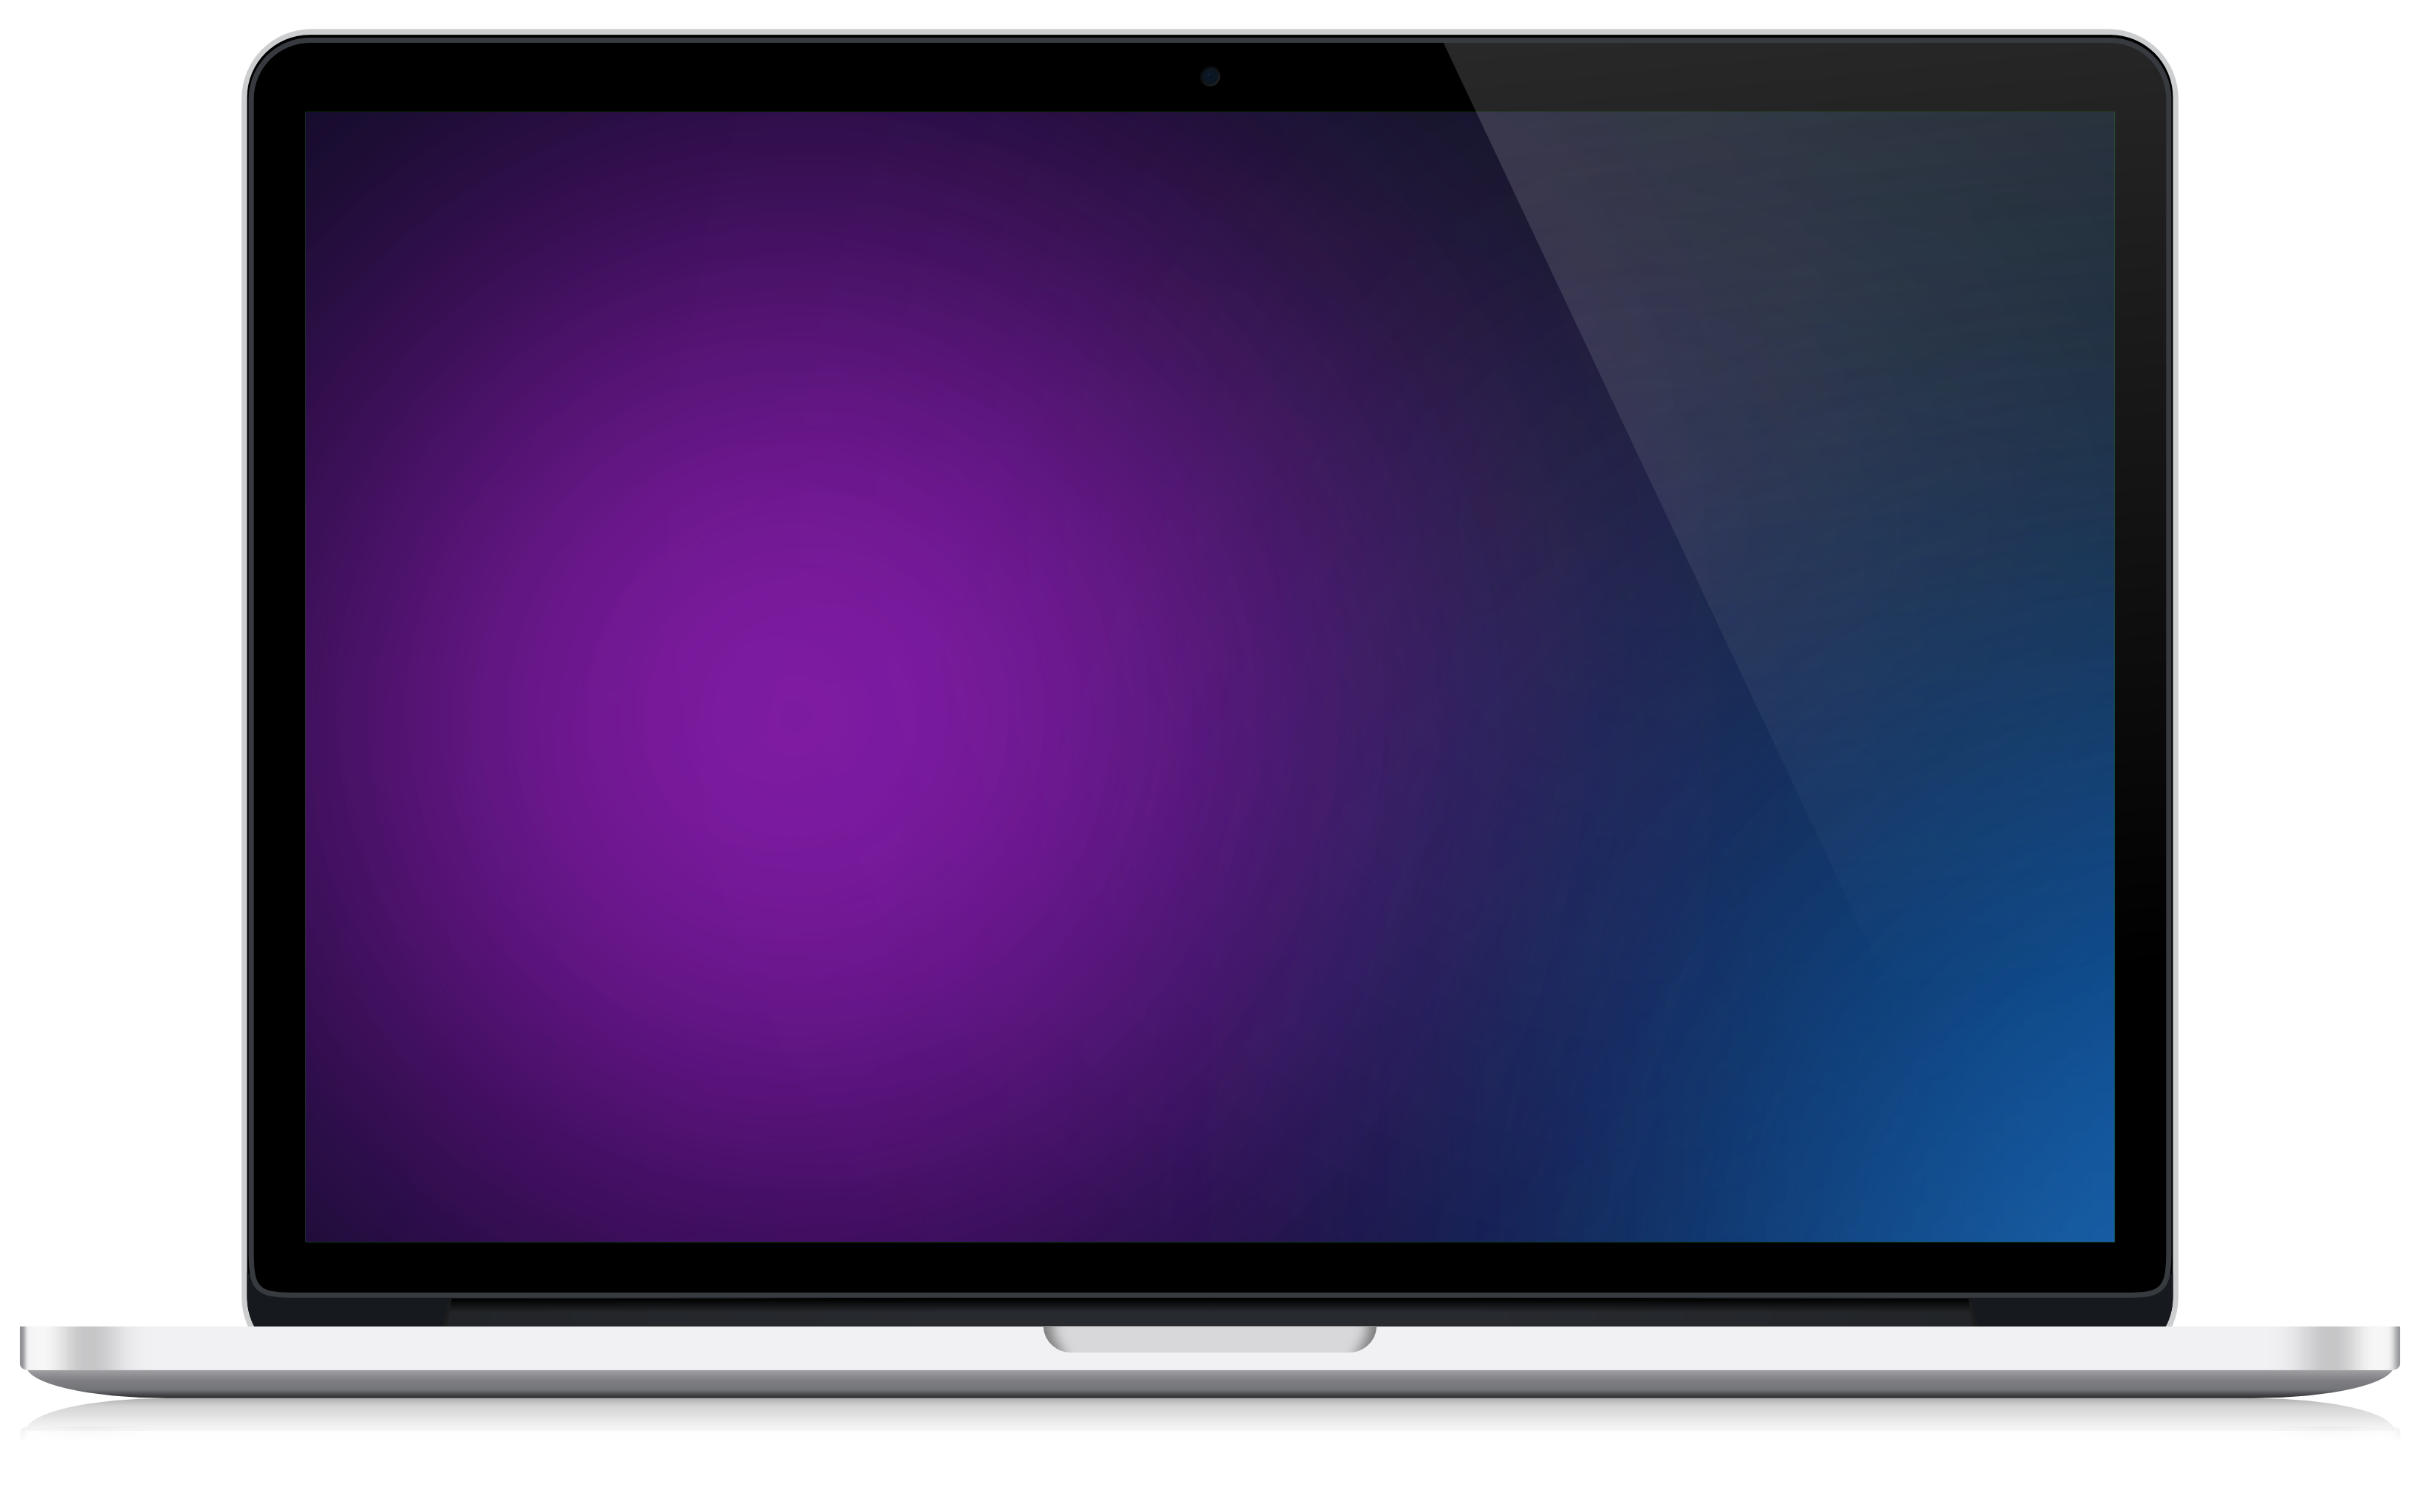 Apple macbook wallpaper